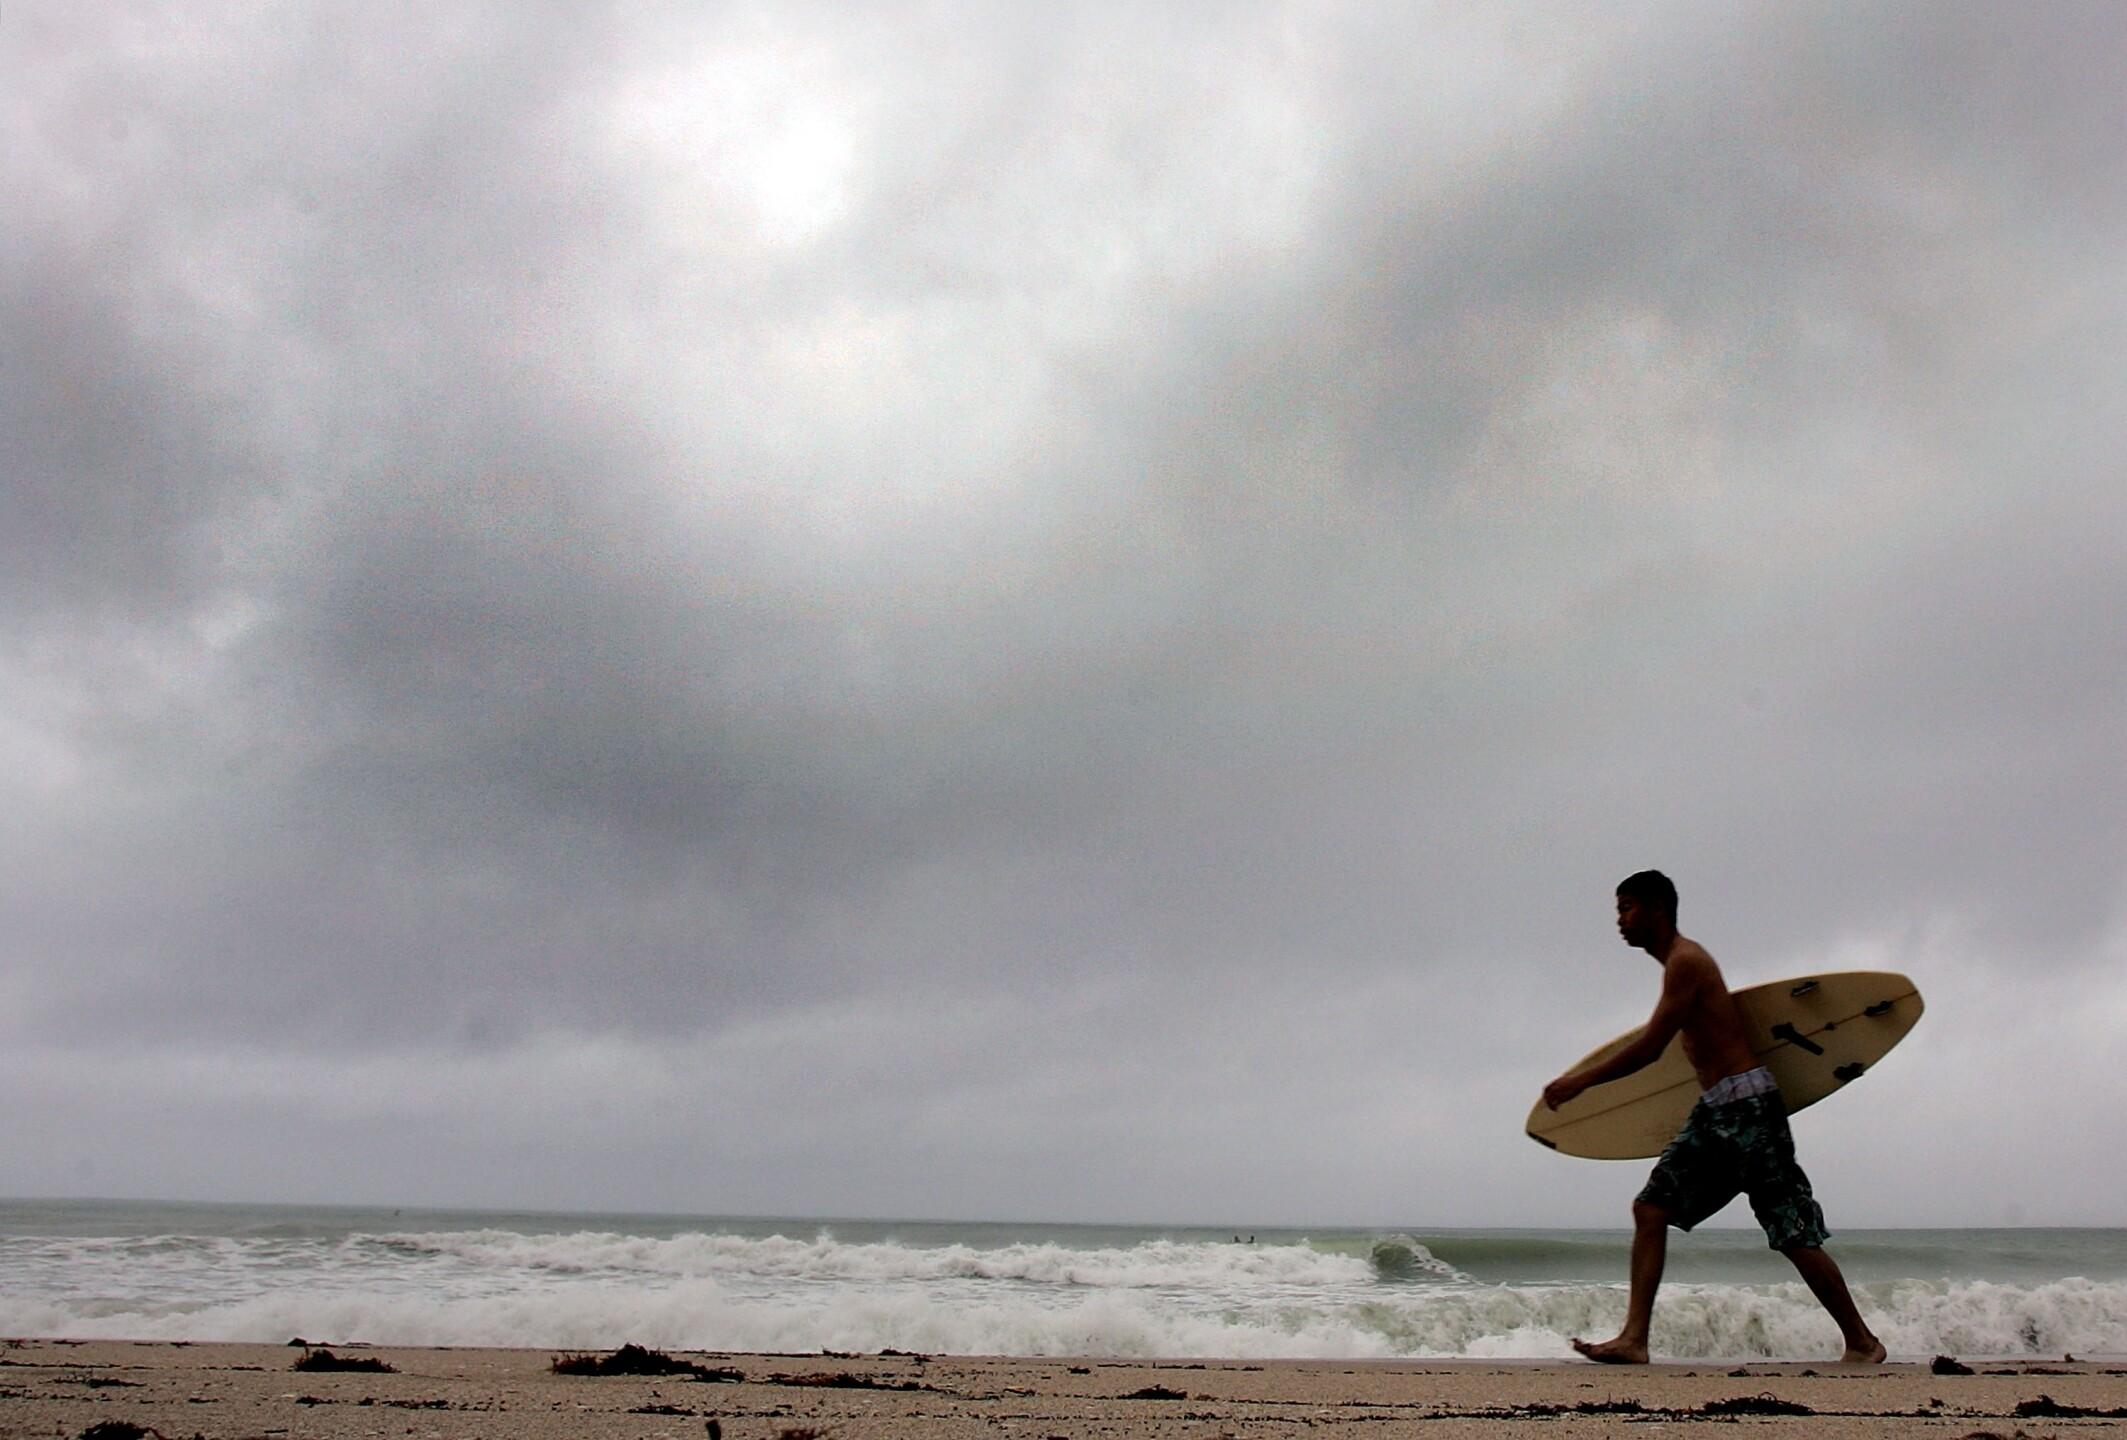 Surfer walking on beach in Fort Lauderdale, FL